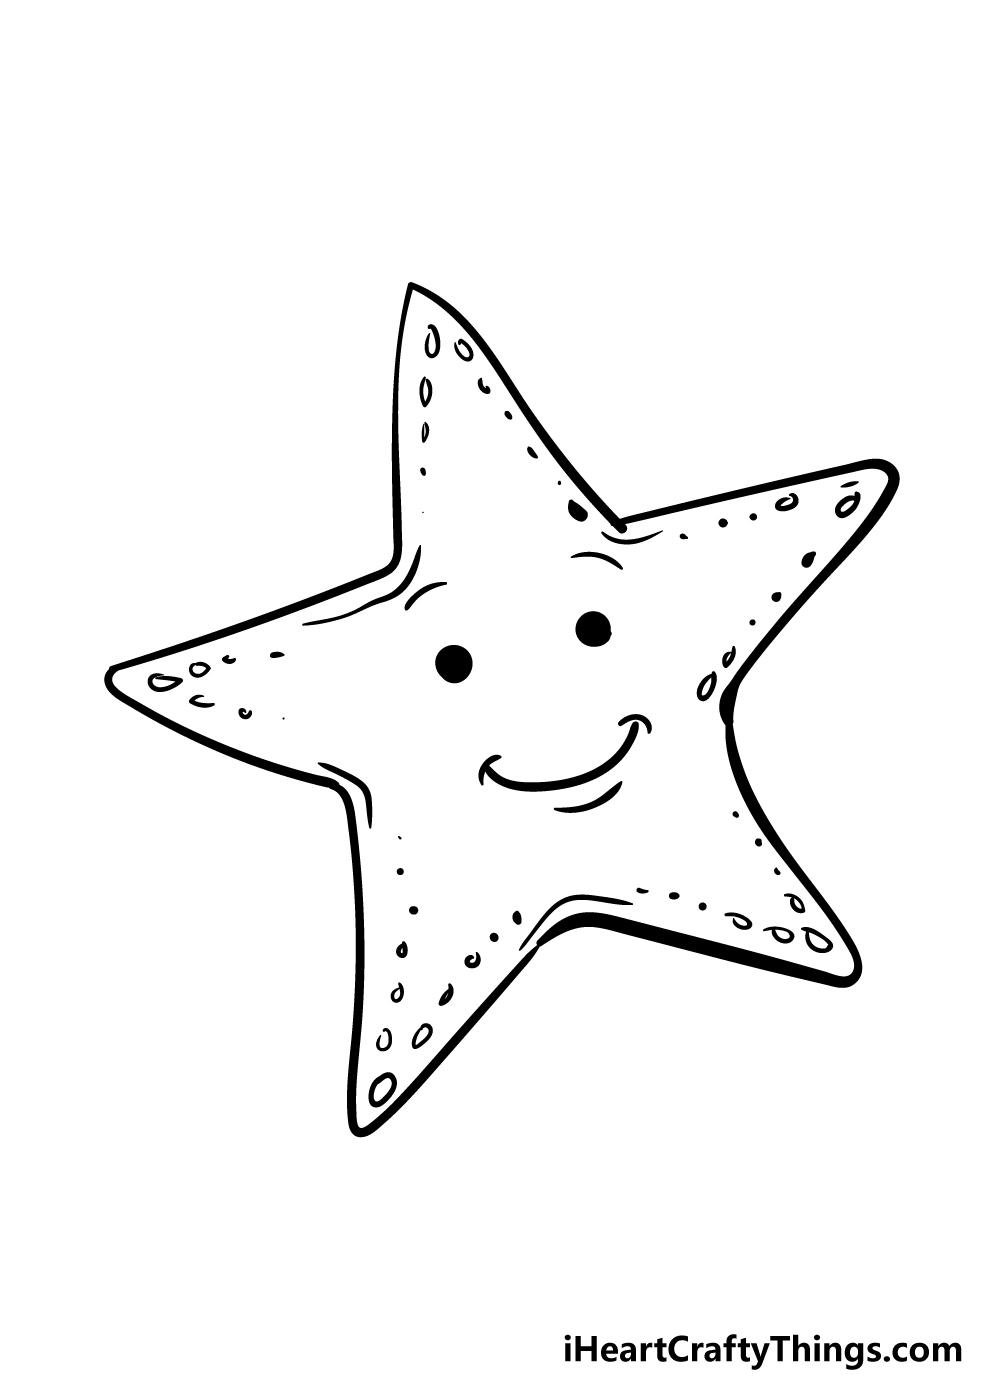 vẽ một con sao biển bước 5